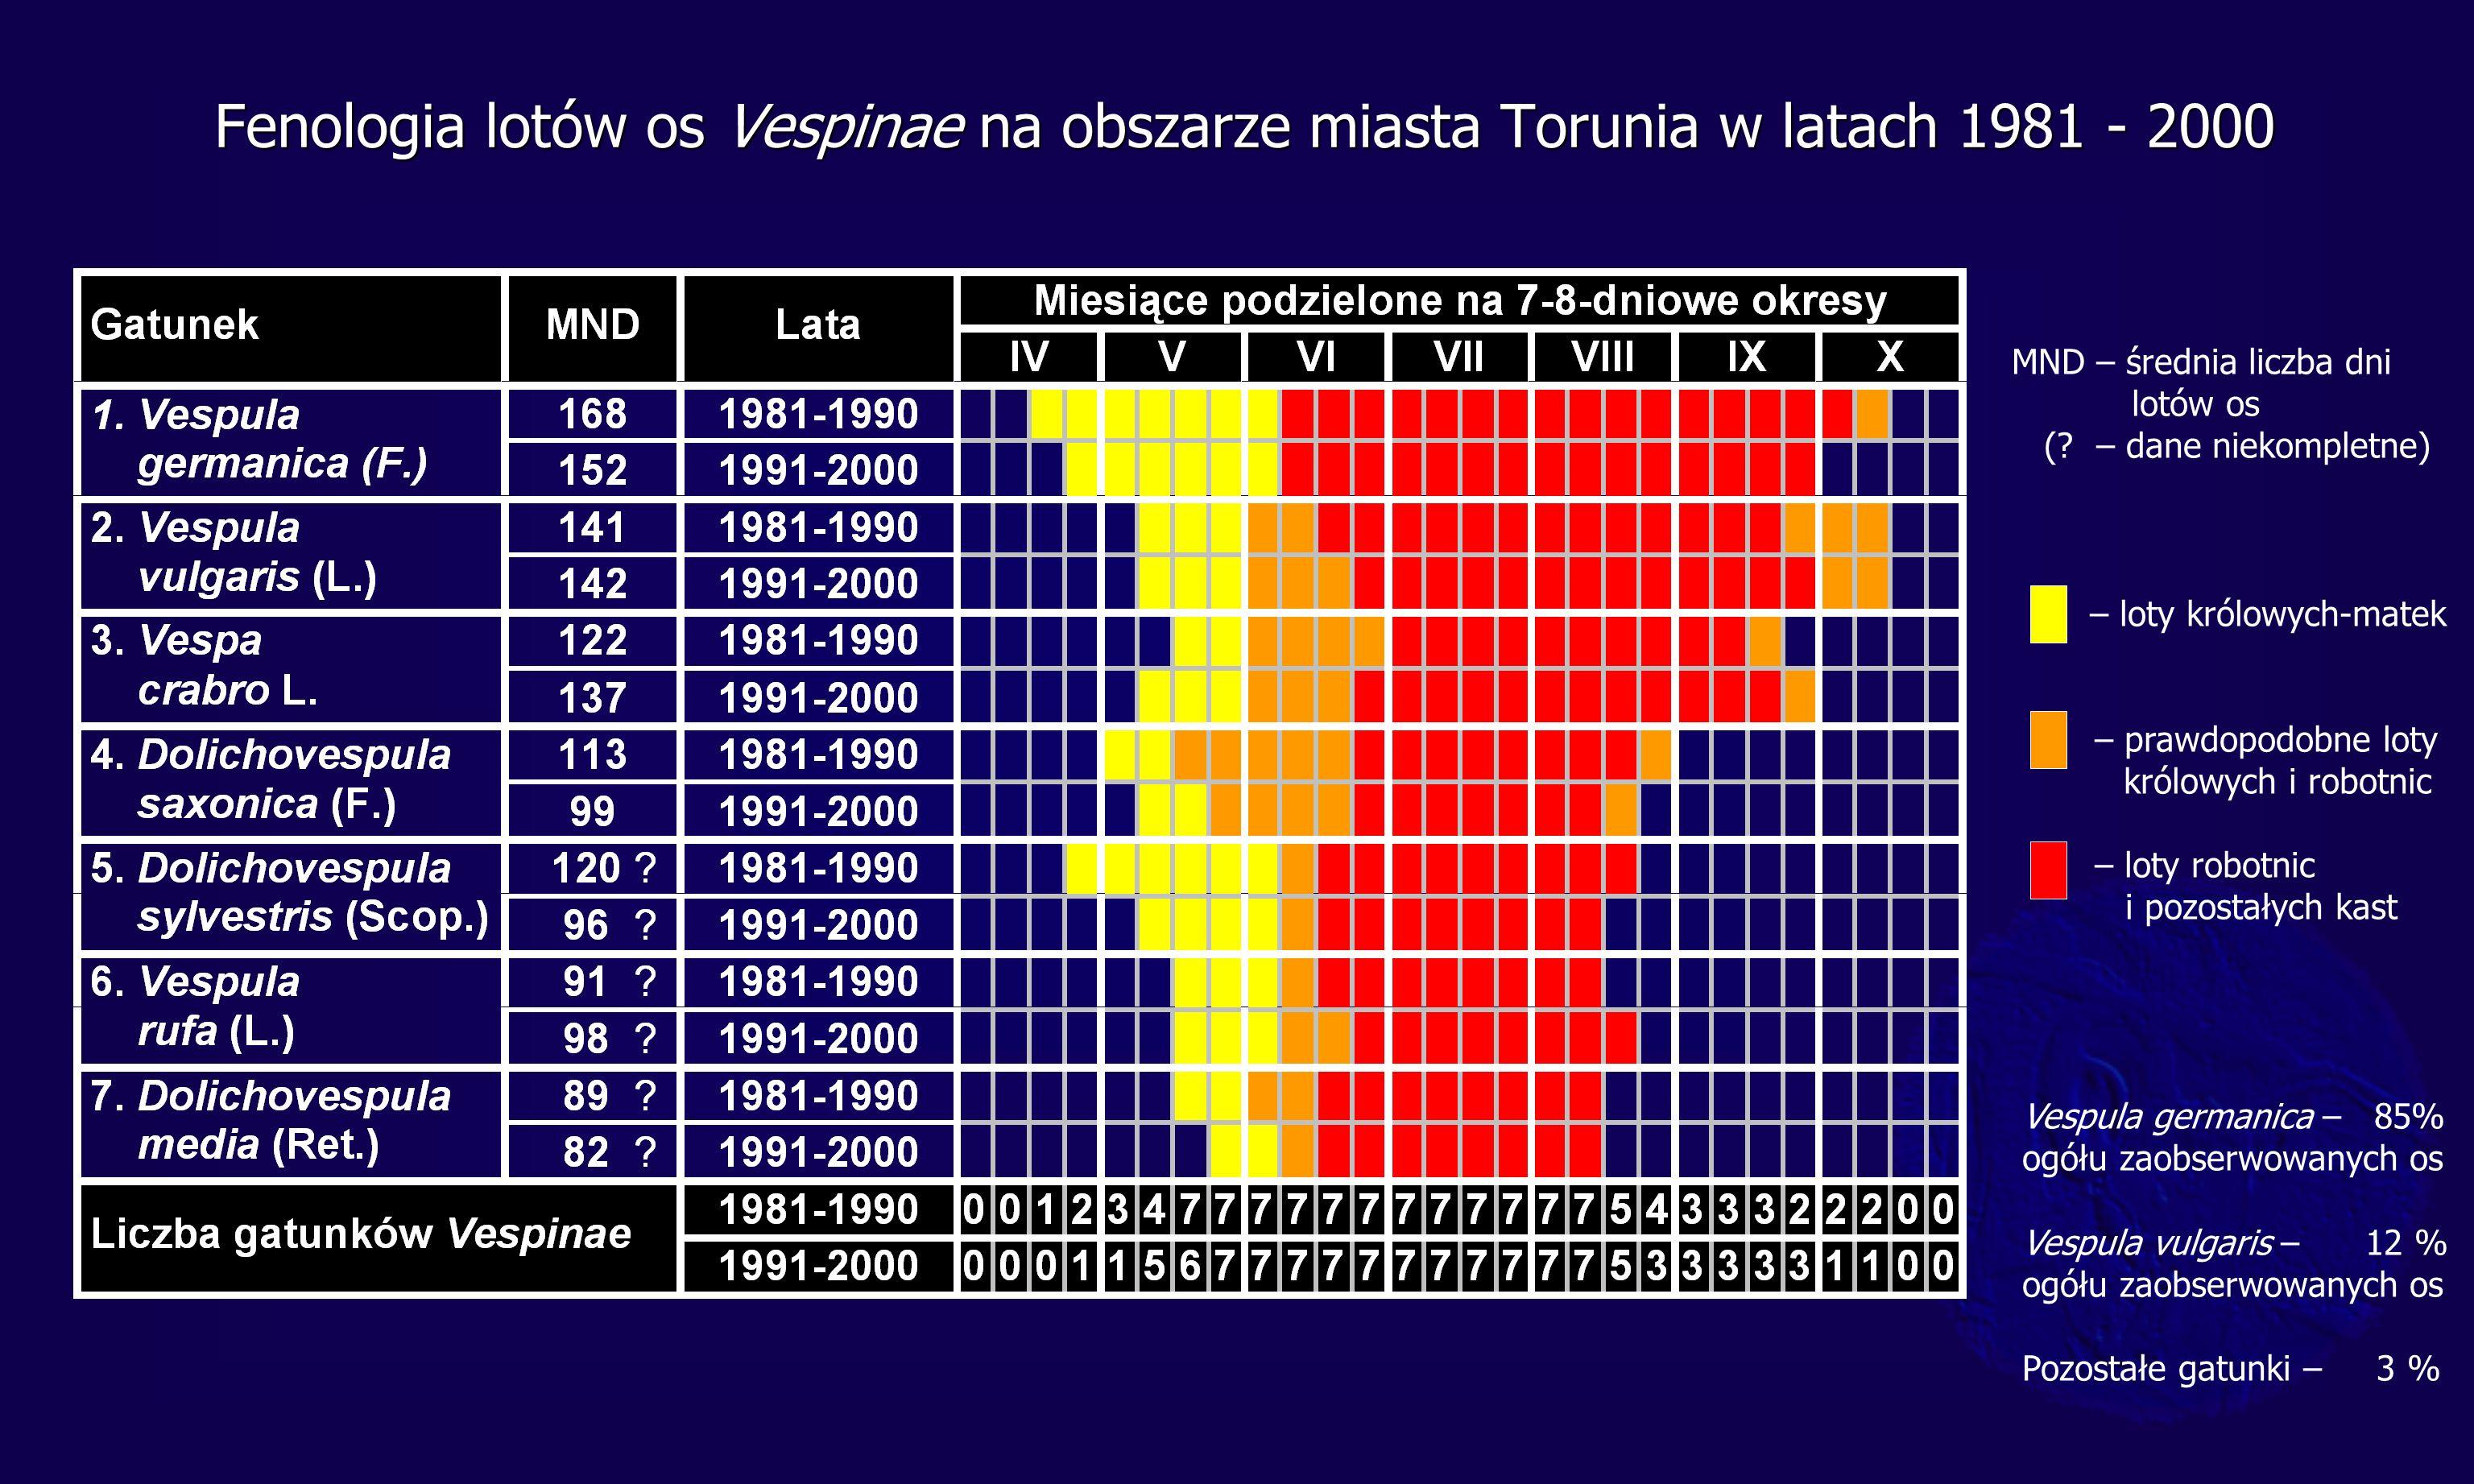 Fenologia lotów os Vespinae na obszarze miasta Torunia w latach 1981 - 2000